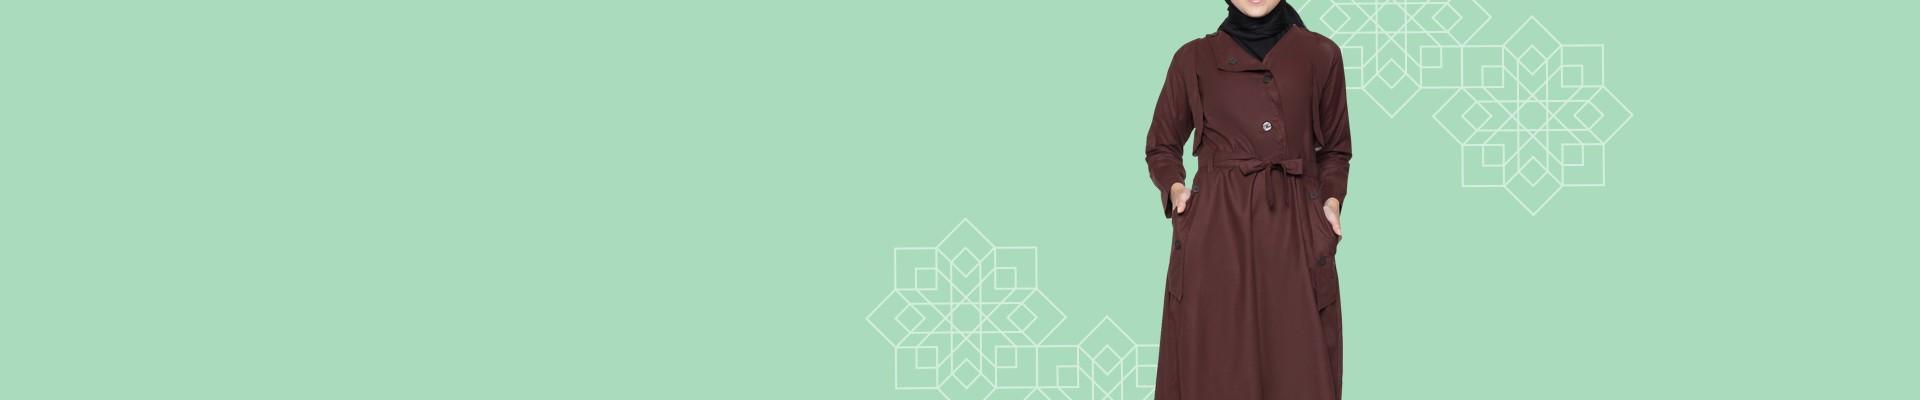 Jual Jaket Muslim - Coat Muslim Muslimah Terbaru